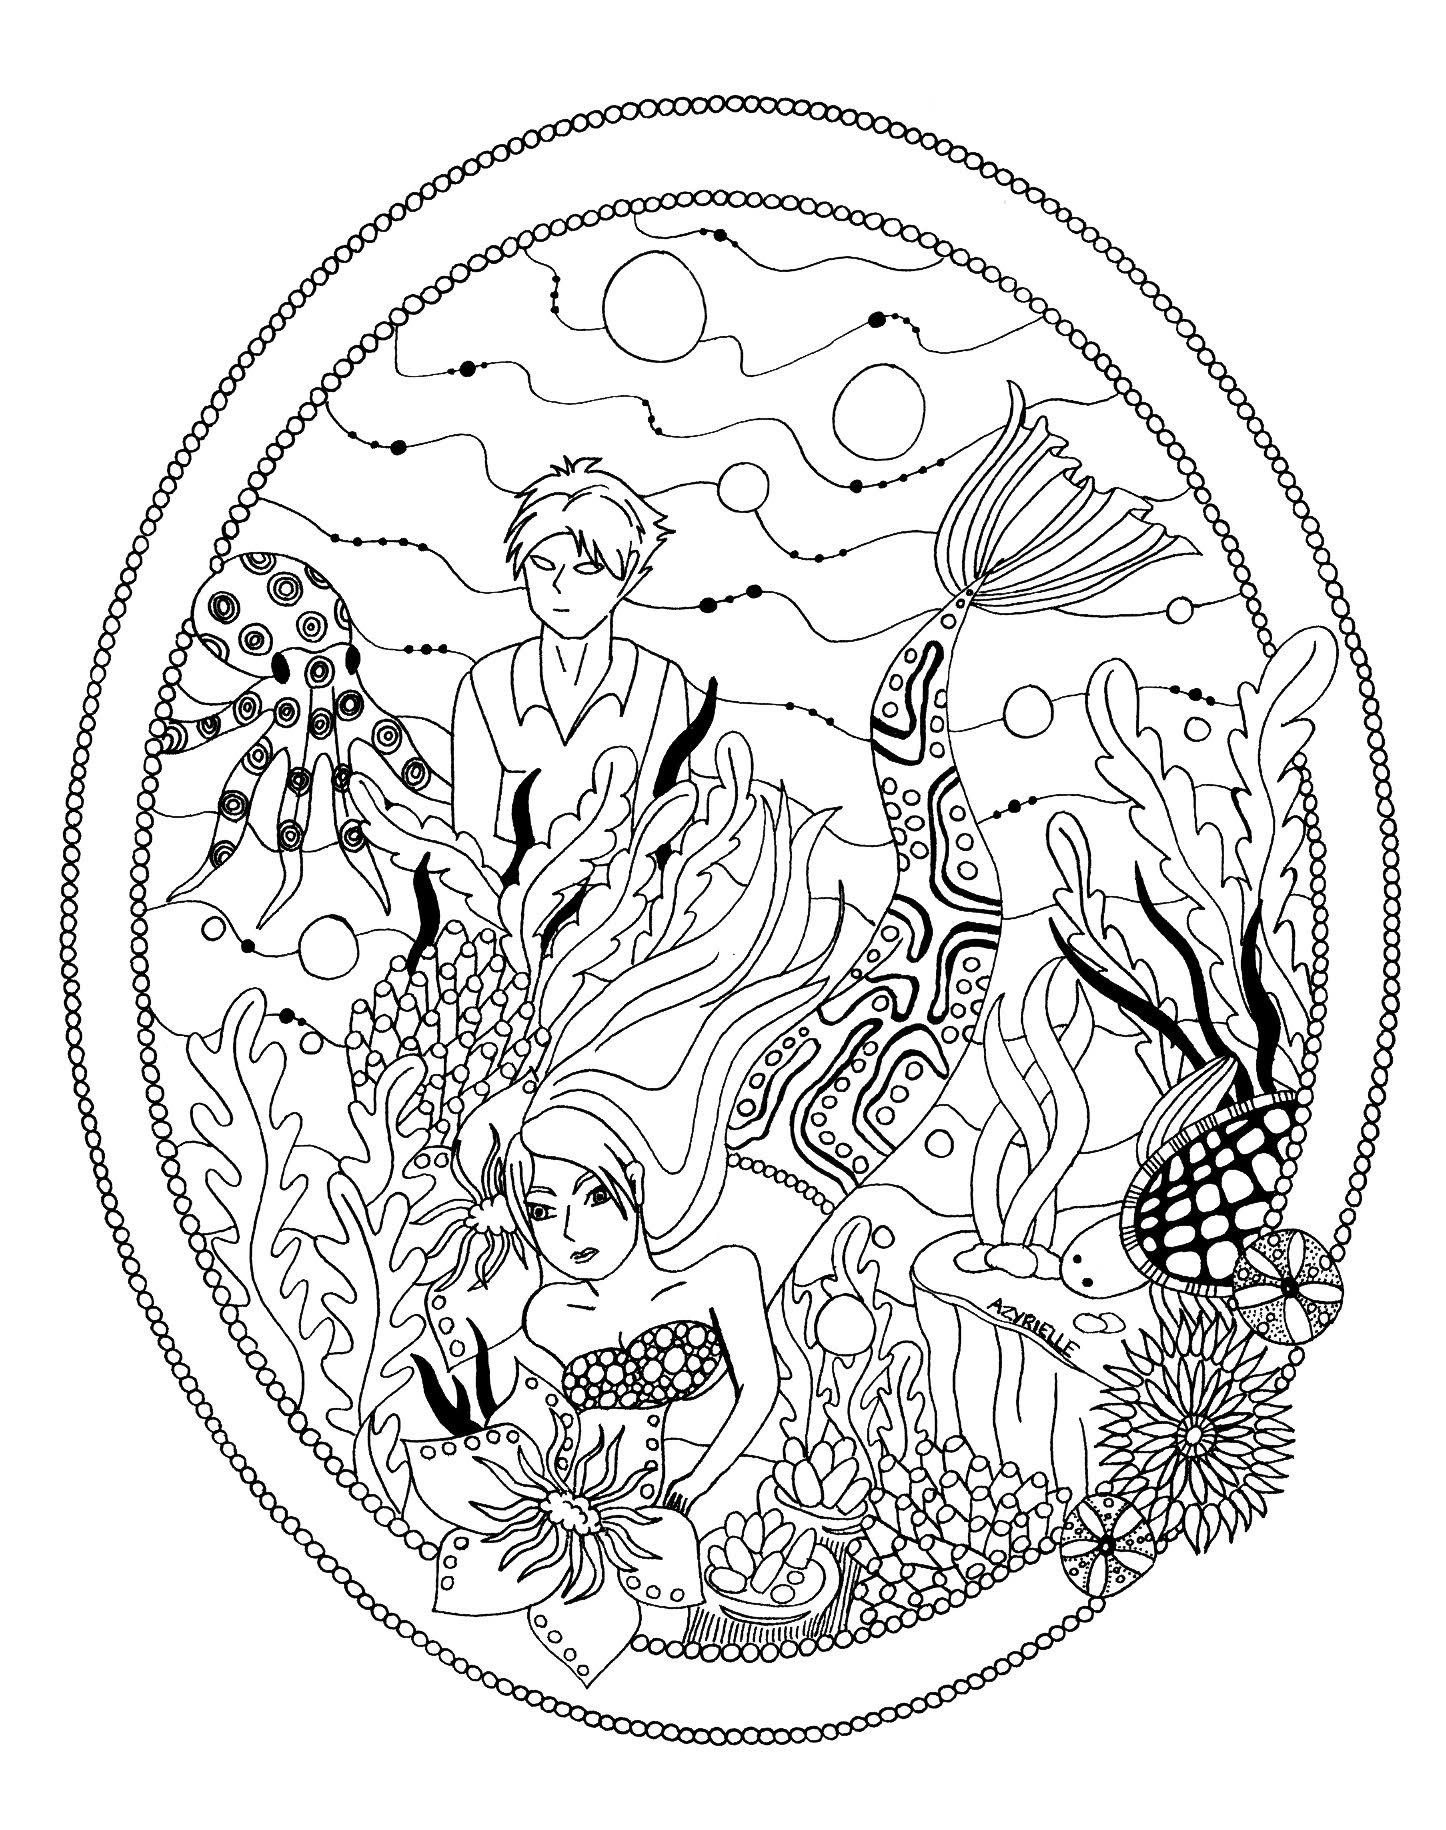 Découvrez 'Le jardin de la petite sirène', peuplé de coraux, d'algues, habité également par une tortue et une pieuvre